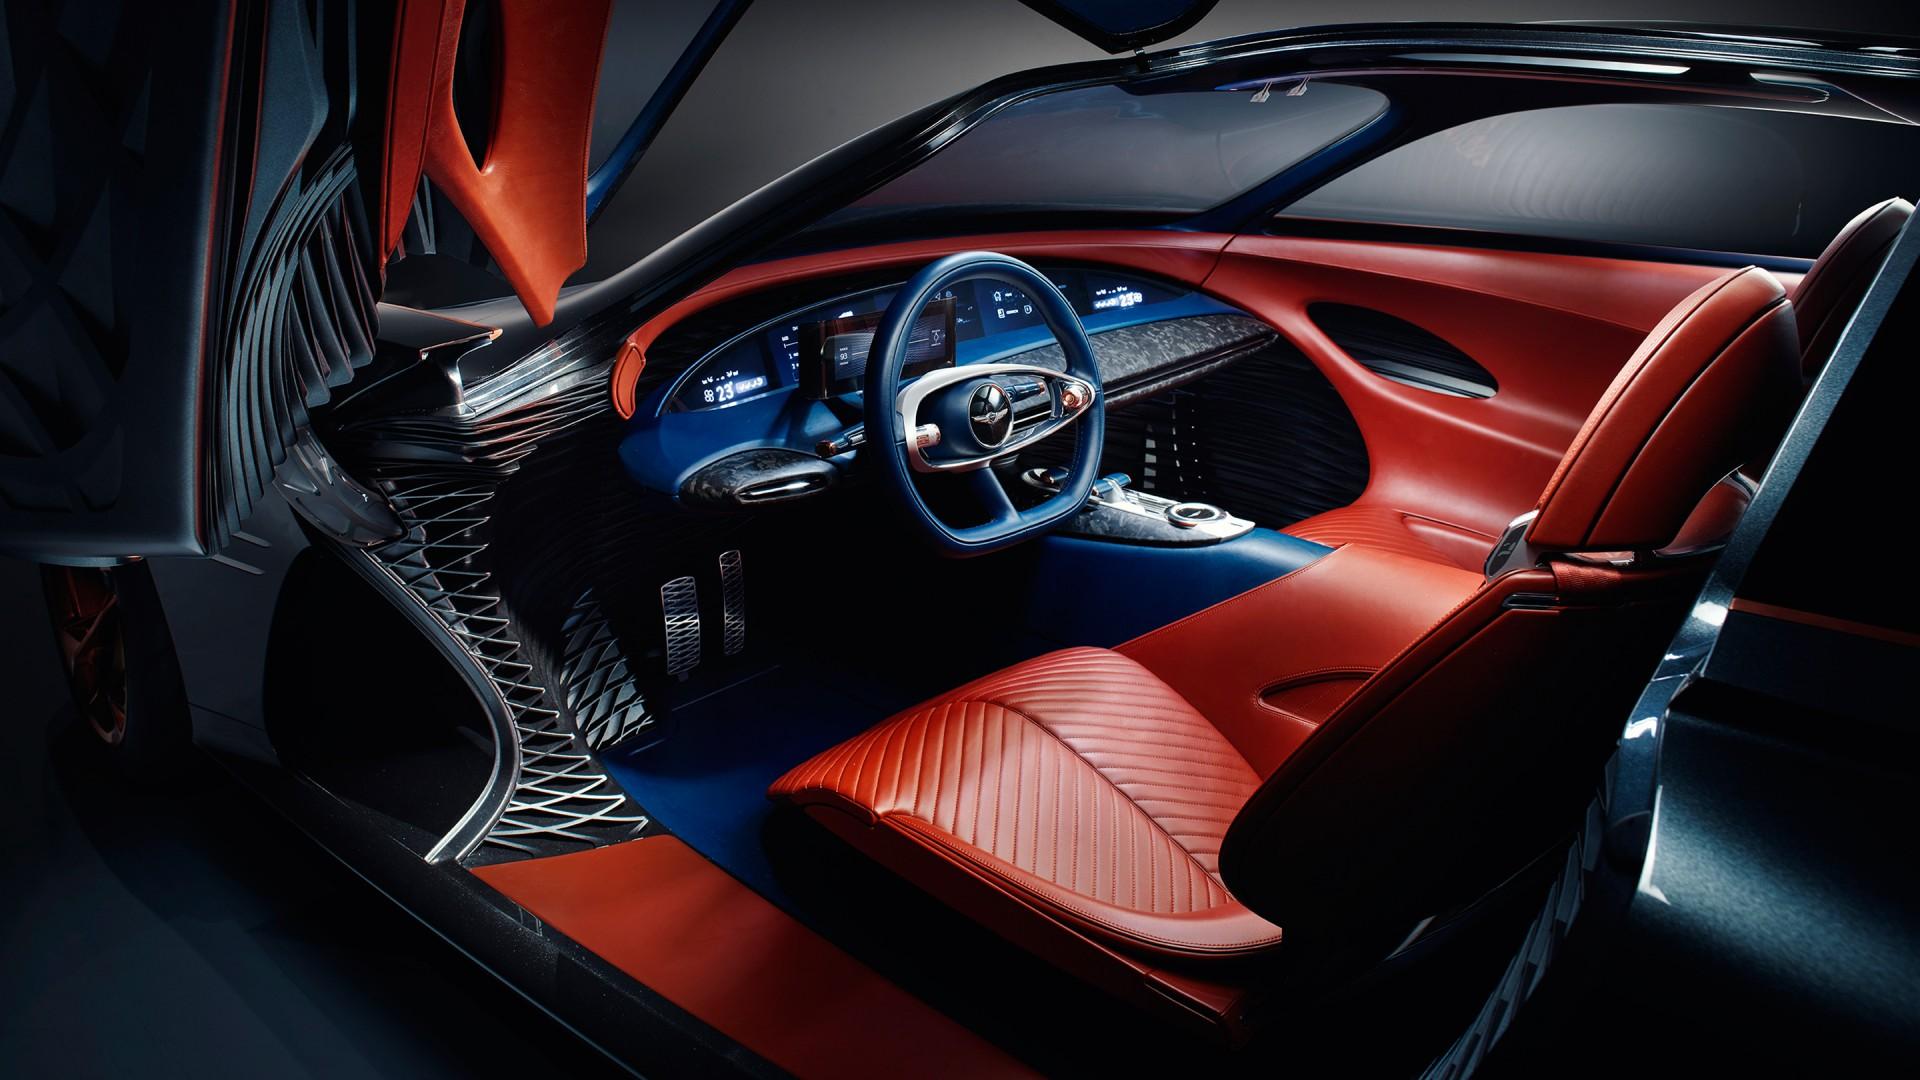 2018 Genesis Essentia Concept 2 Wallpaper | HD Car ...